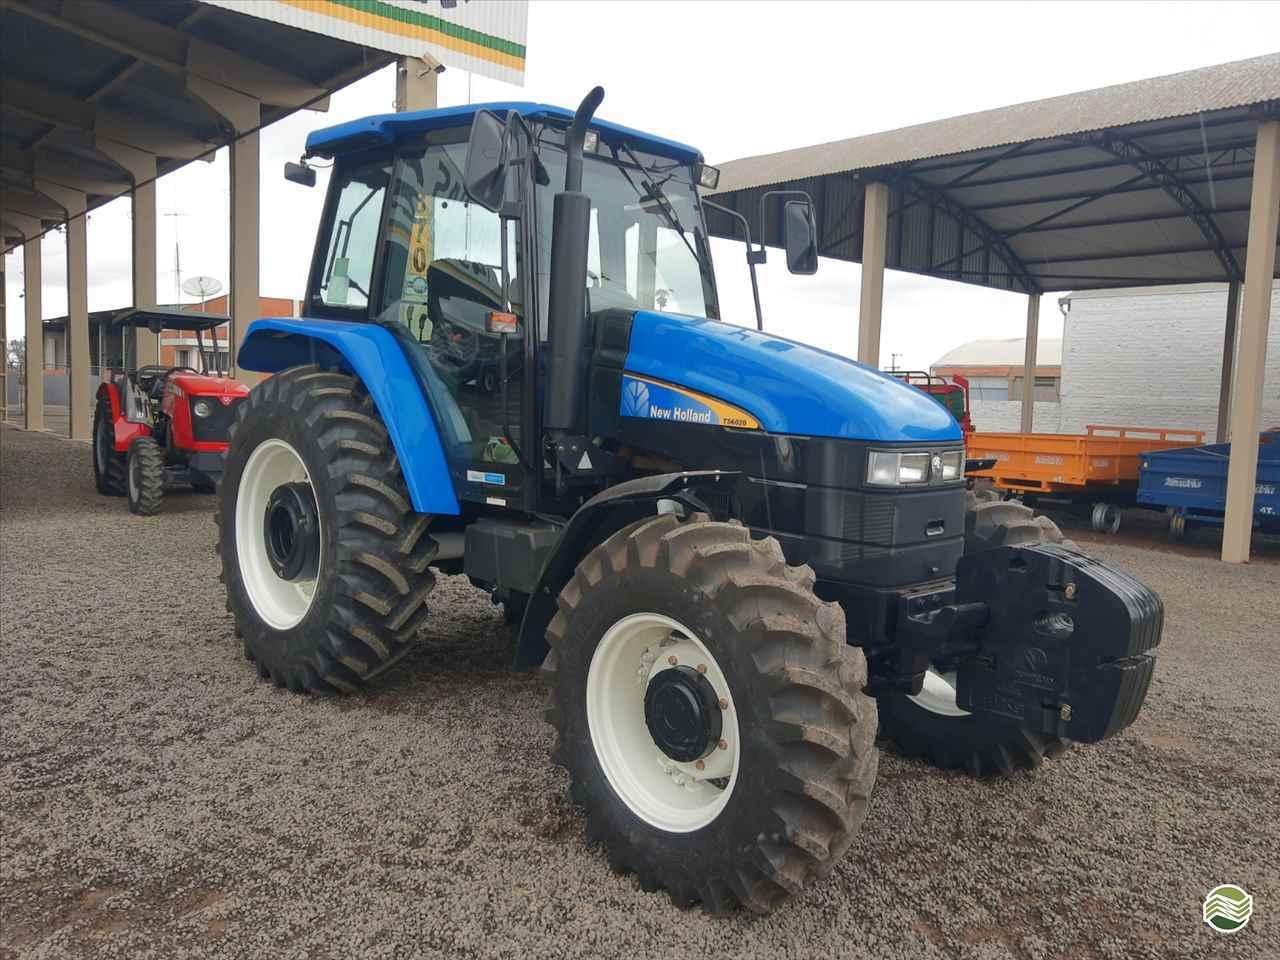 TRATOR NEW HOLLAND NEW TS 6020 Tração 4x4 GR Máquinas Agrícolas ARAPONGAS PARANÁ PR